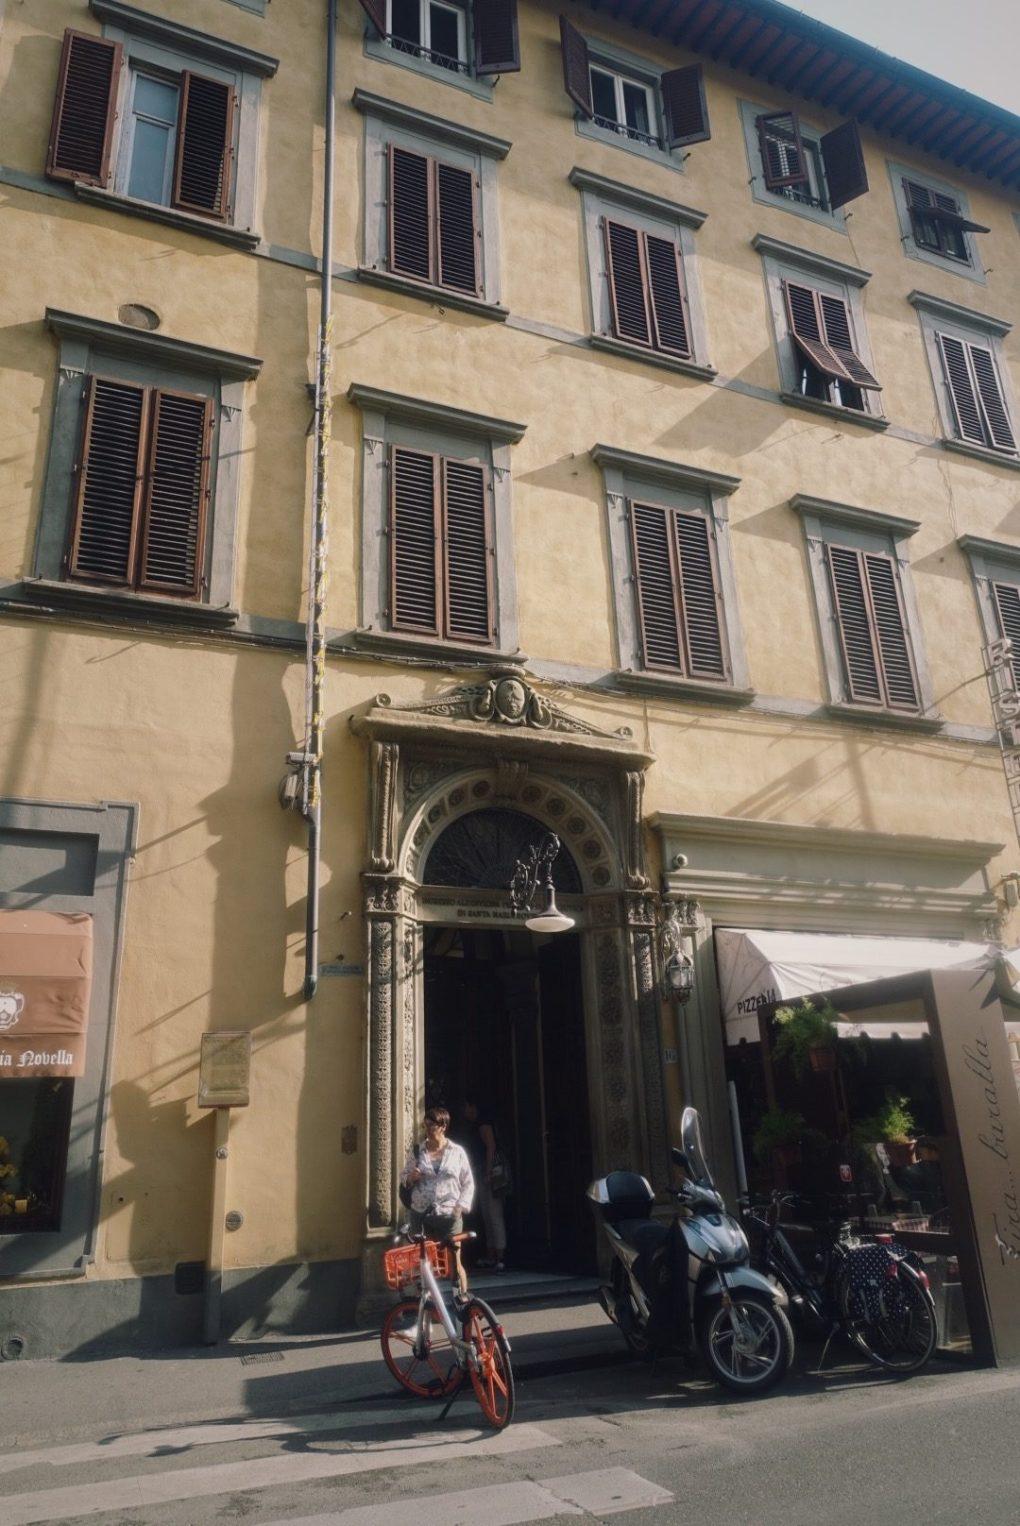 サンタマリアノヴェッラ薬局 フィレンツェ本店 世界最古の薬局 スカーラ通りツェ本店 世界最古の薬局 エントランス